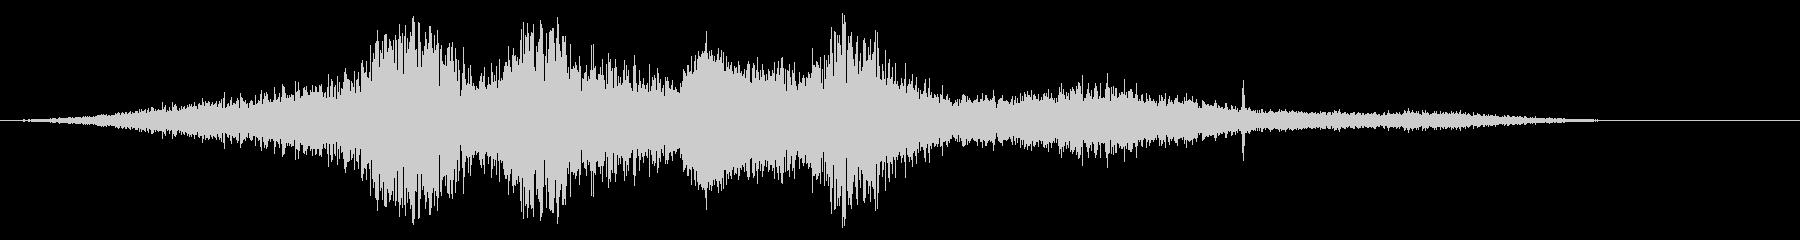 汽1 1本の未再生の波形